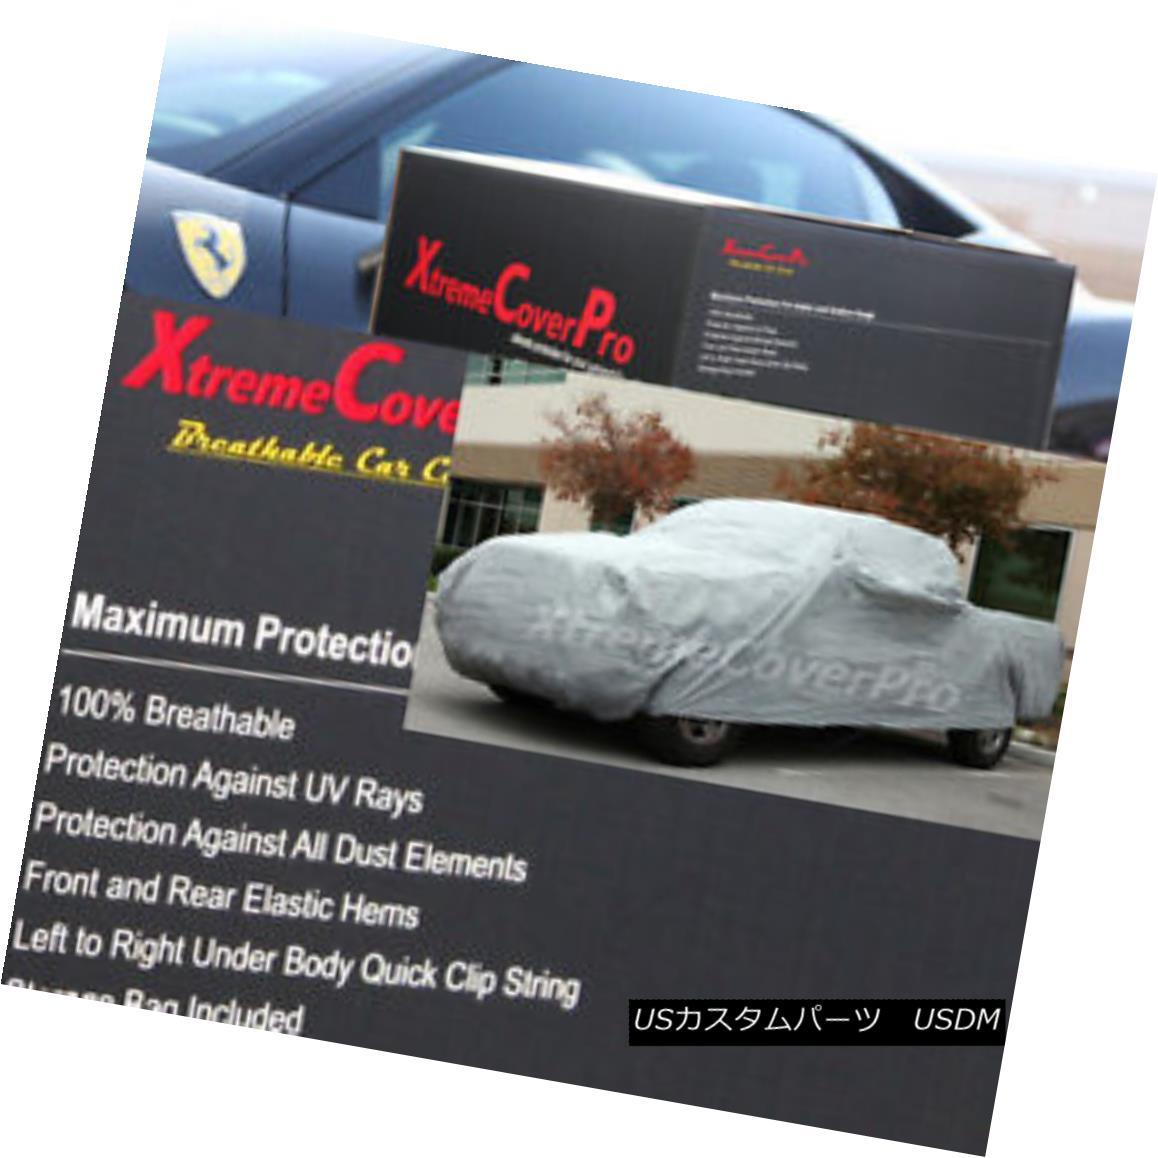 カーカバー 2007 2008 Chevy Silverado 2500HD Ext Cab 6.5ft Bed Breathable Truck Cover 2007年シボレーシルバラード2500HDエクステンションキャブ6.5ftベッド通気性トラックカバー